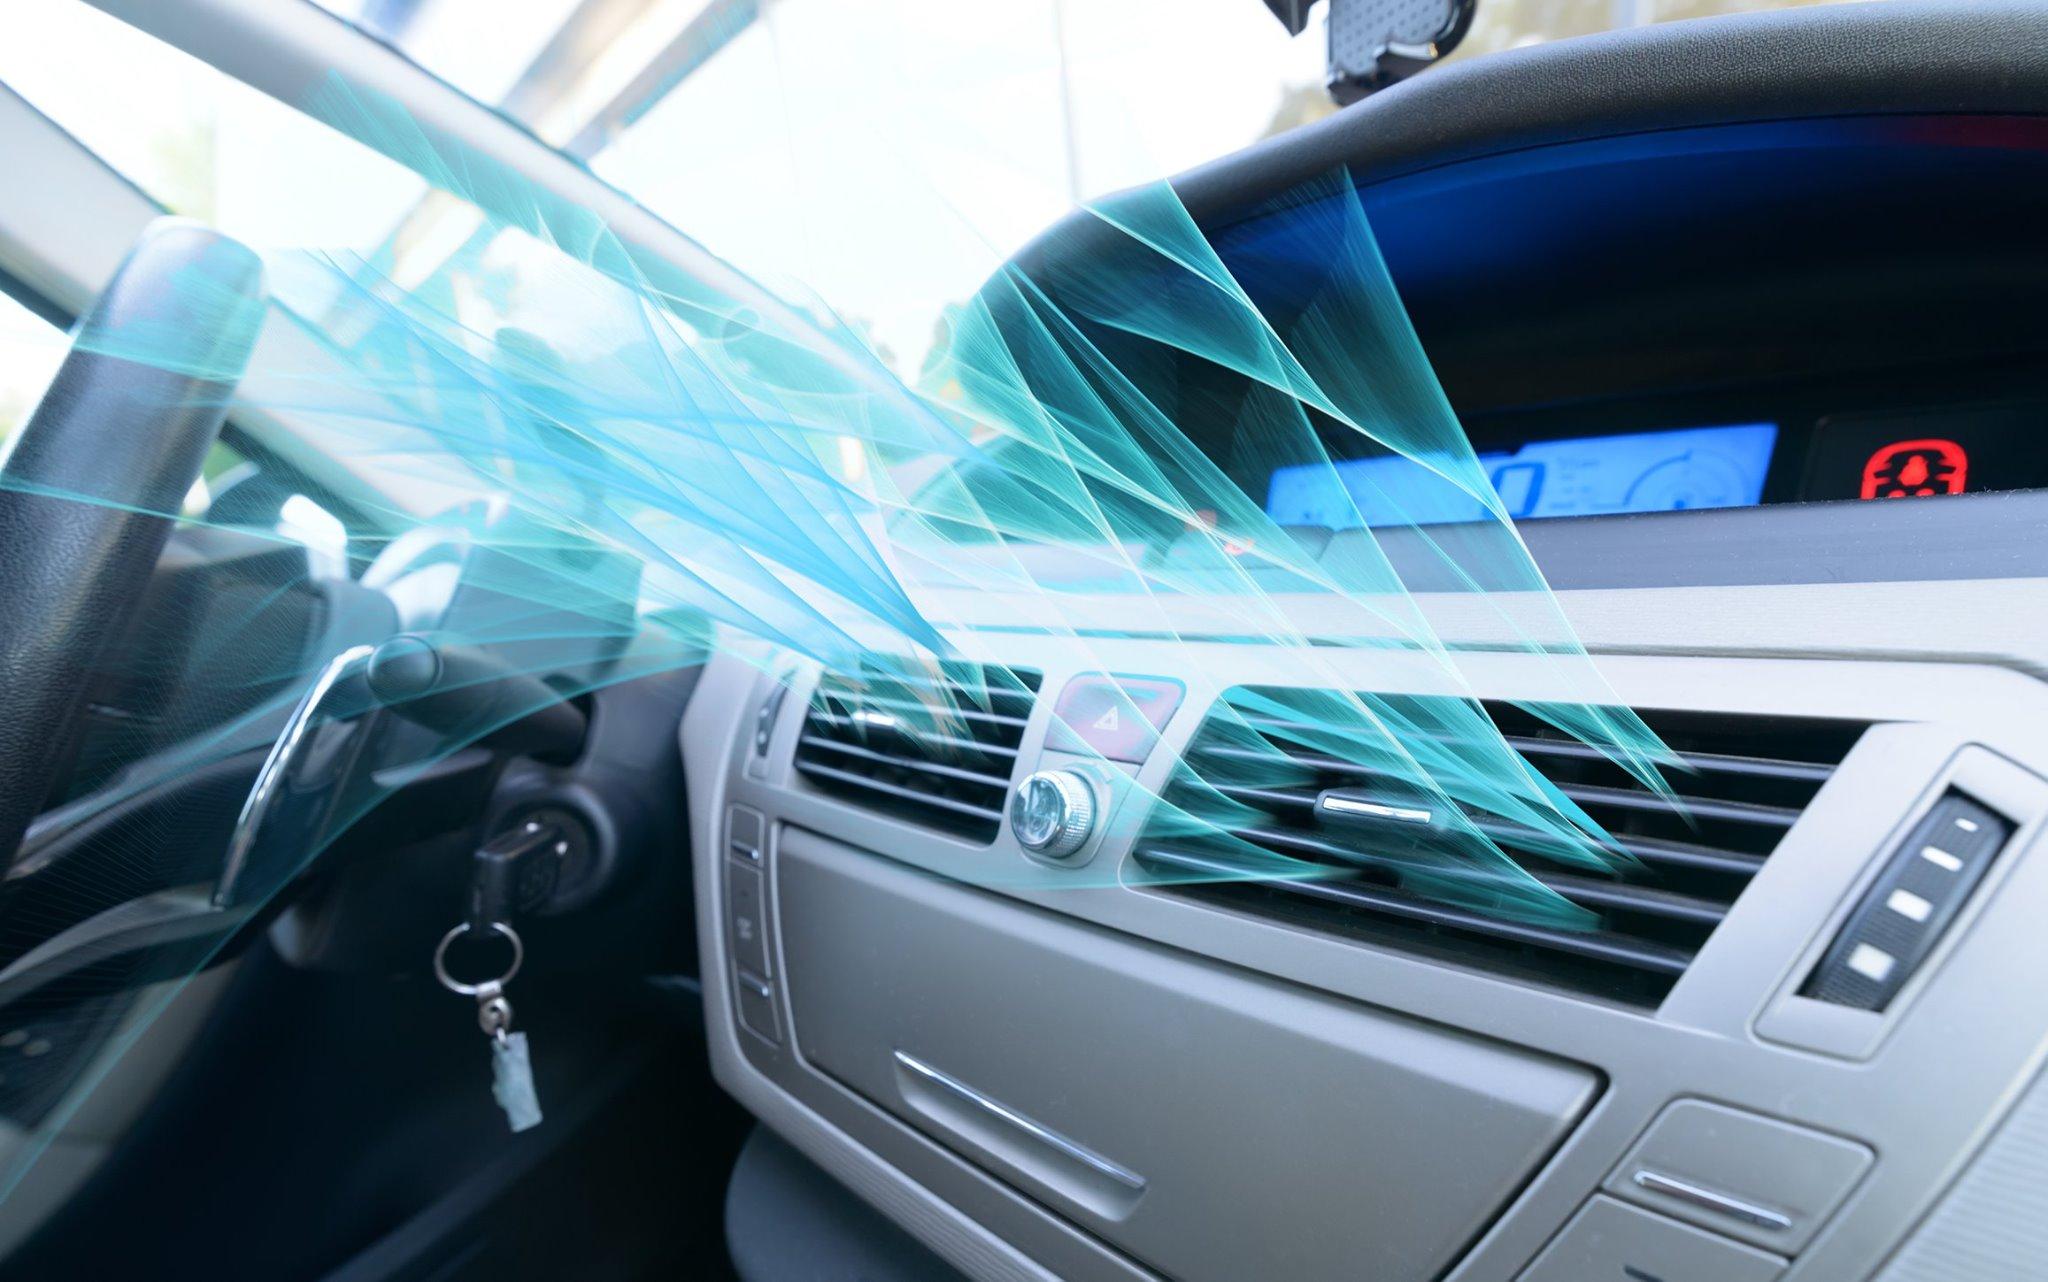 Serwis klimatyzacji - wymiana czynnika Fast Car Rzeszów